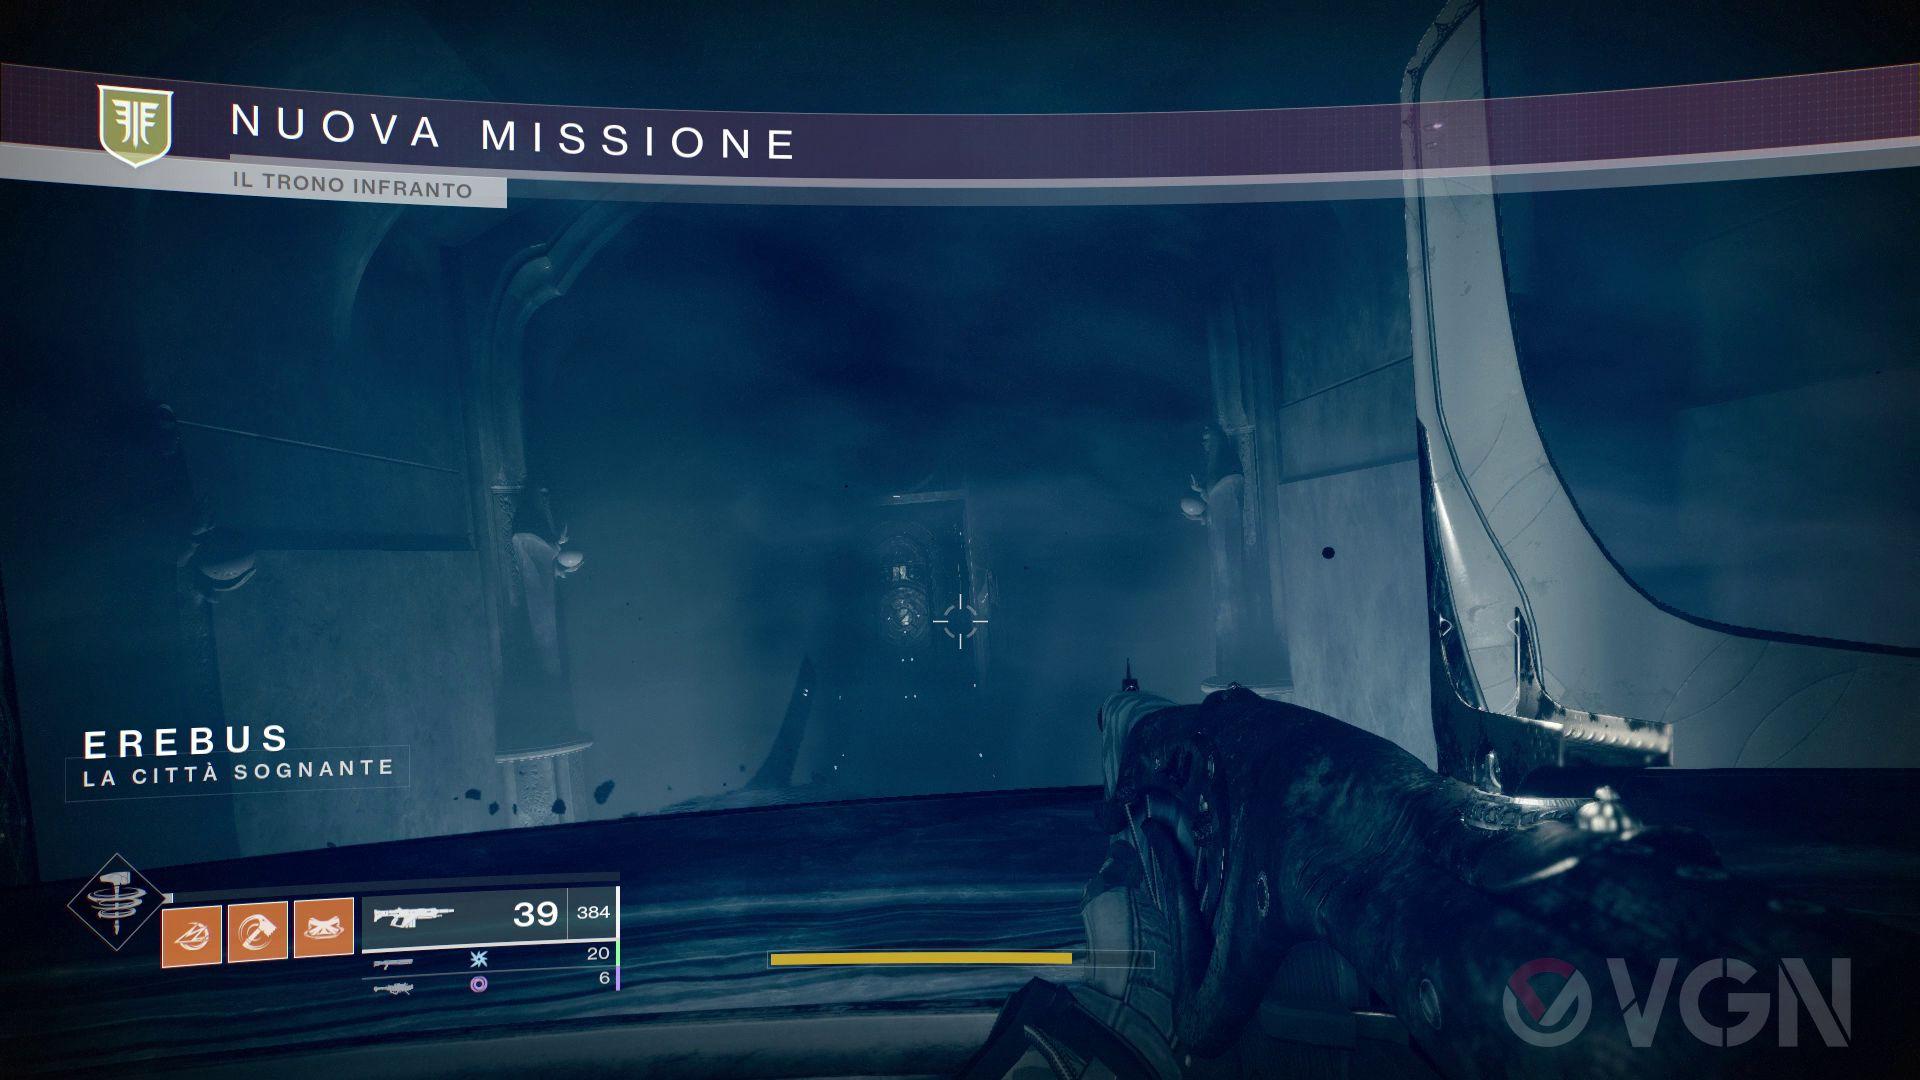 Destiny 2: I Rinnegati, come accedere al dungeon Il Trono Infranto